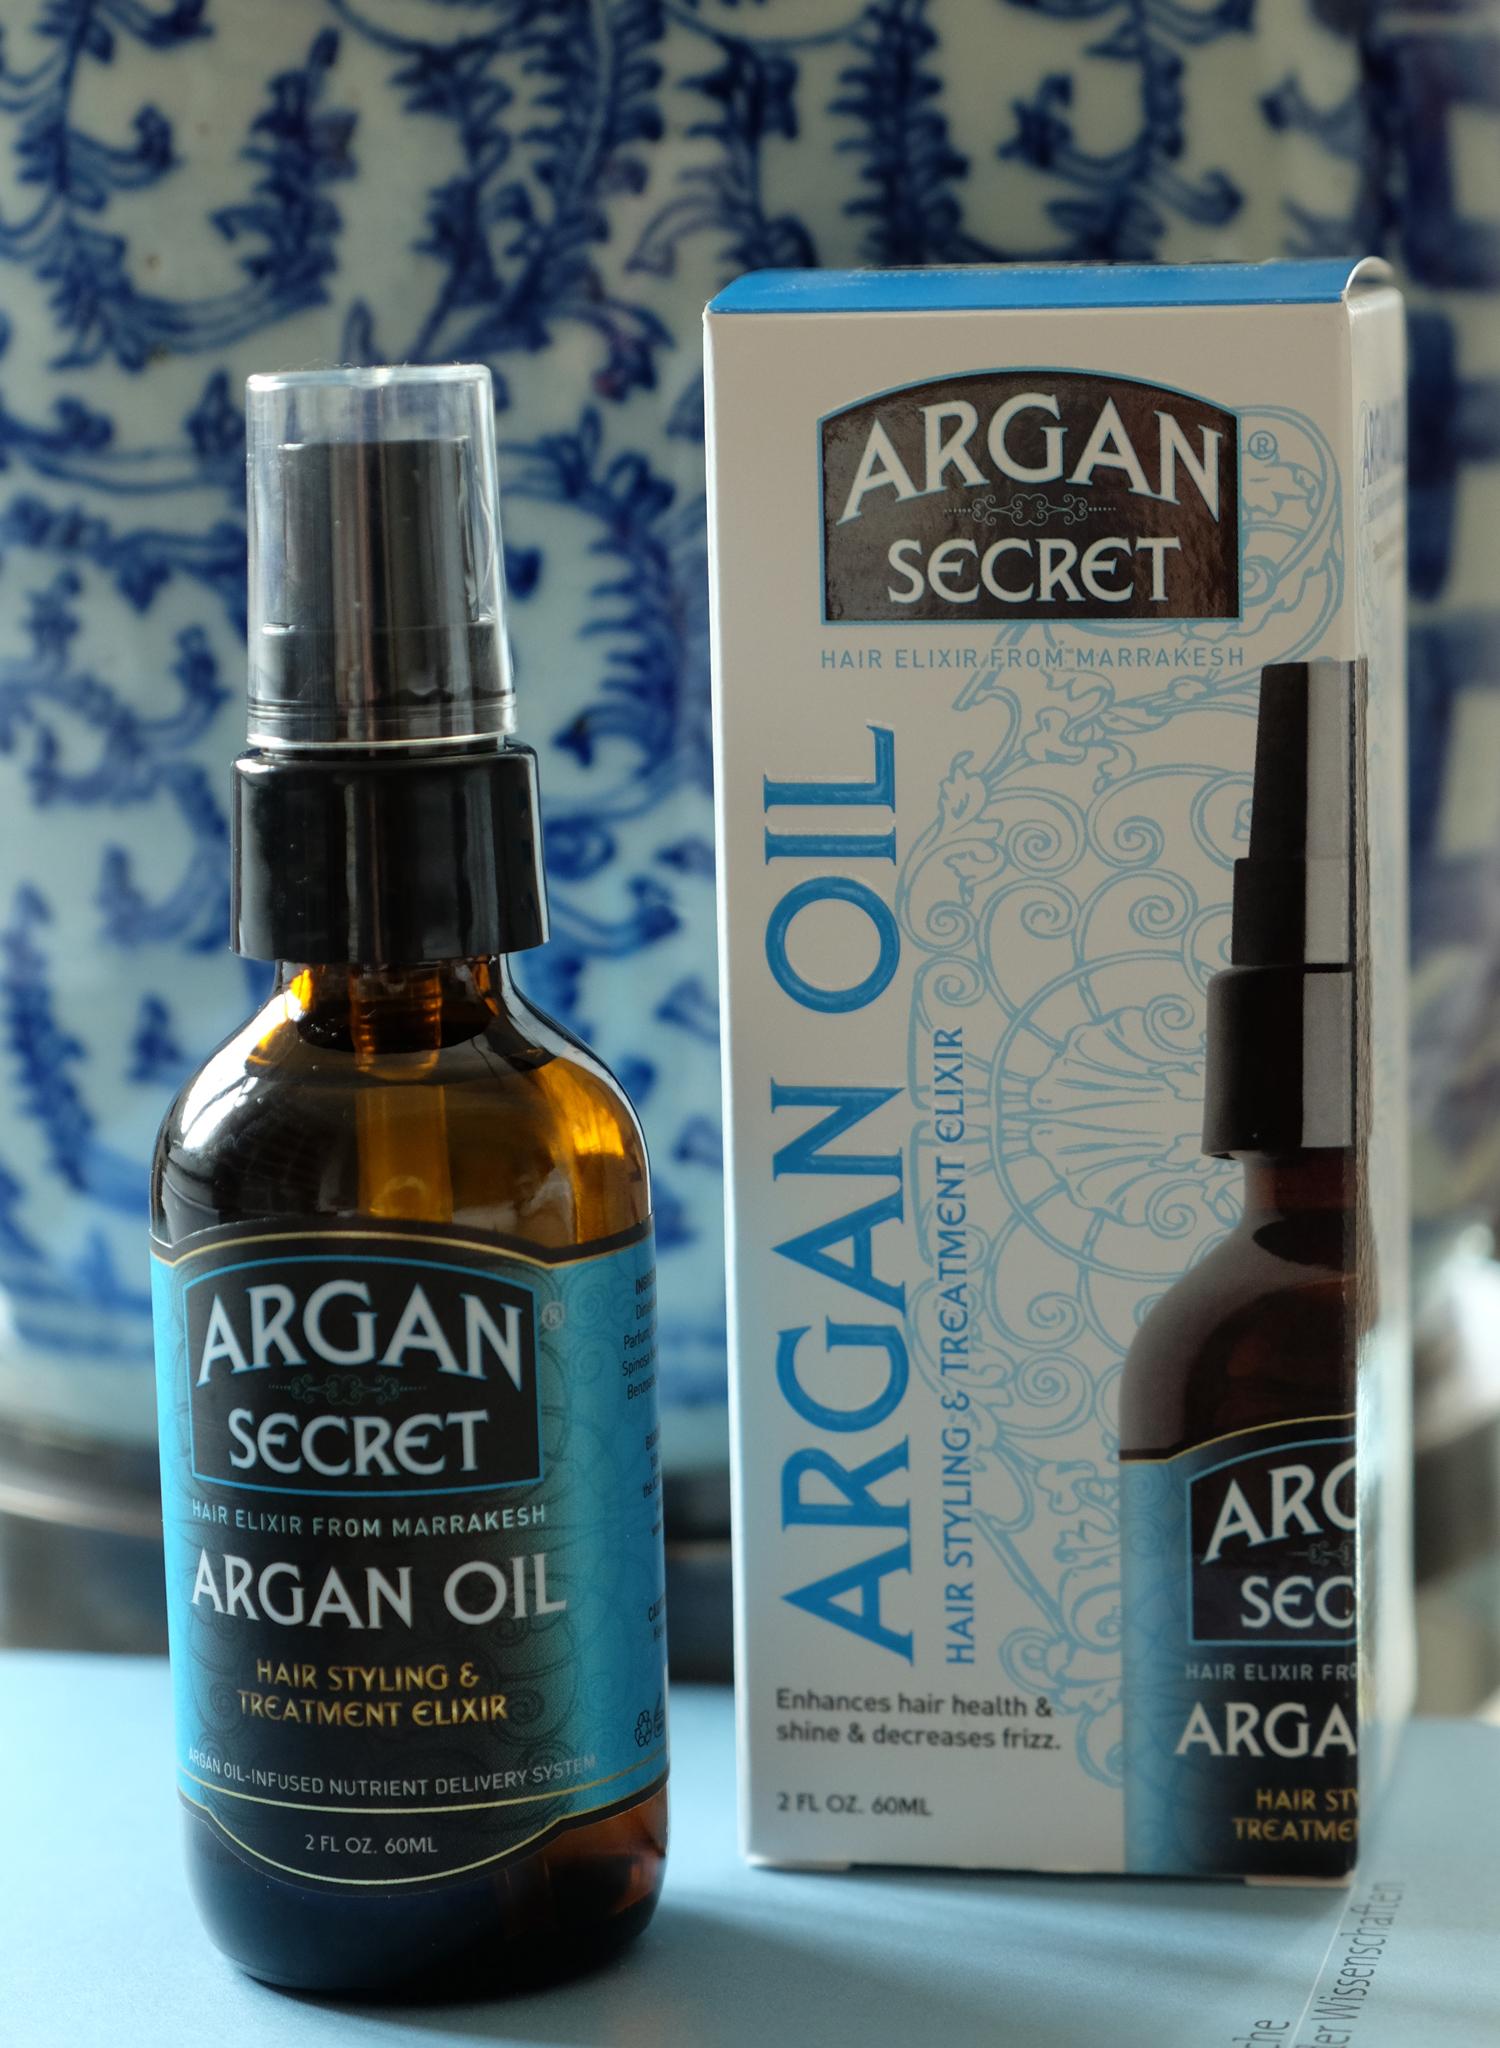 Argan-Secret,-Argan-Öl,-Argan-Oil,-Argan-Haircare,-Argan-Pflegeprodukt,-Lifestyle-Blog-Lieblingsstil,-Blog-Lieblingsstil